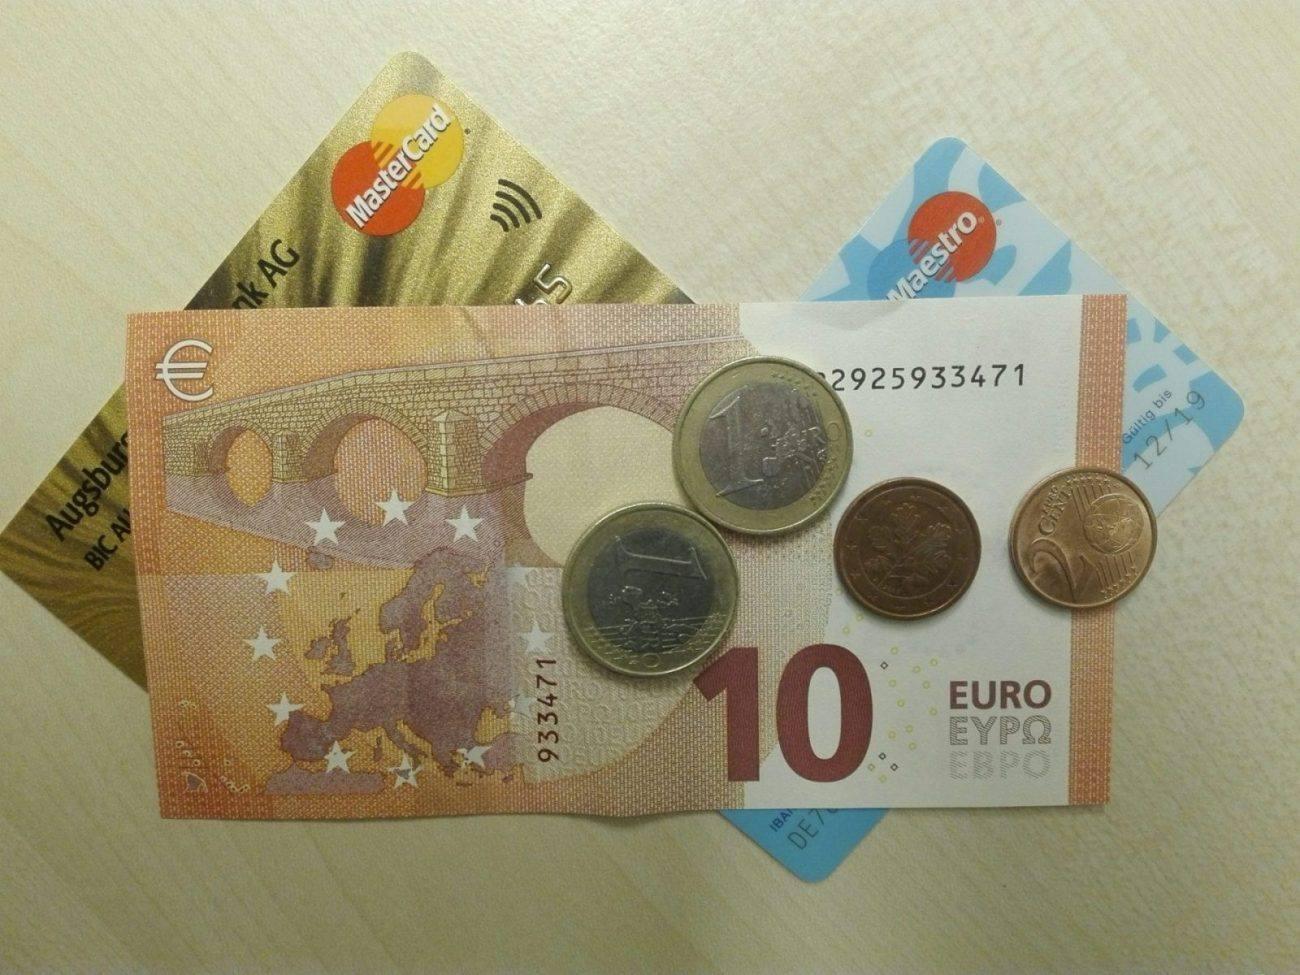 foto von Bargeld und Geldkarten